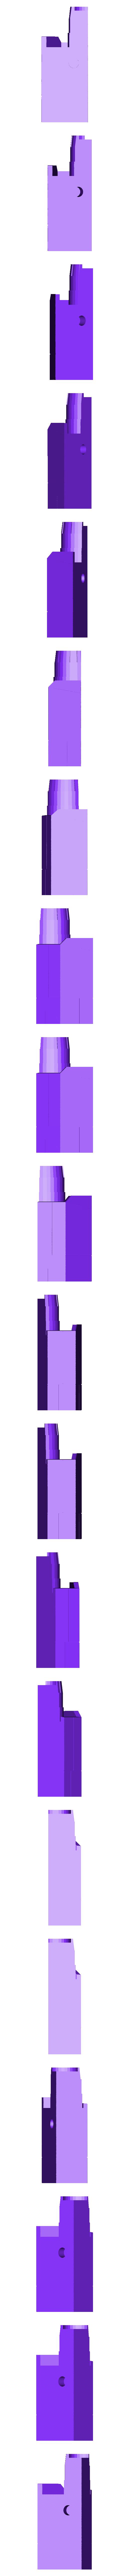 Rear_RearLower_B.stl Télécharger fichier STL gratuit Frégate Nebulon B (coupée et sectionnée) • Modèle pour impression 3D, Masterkookus